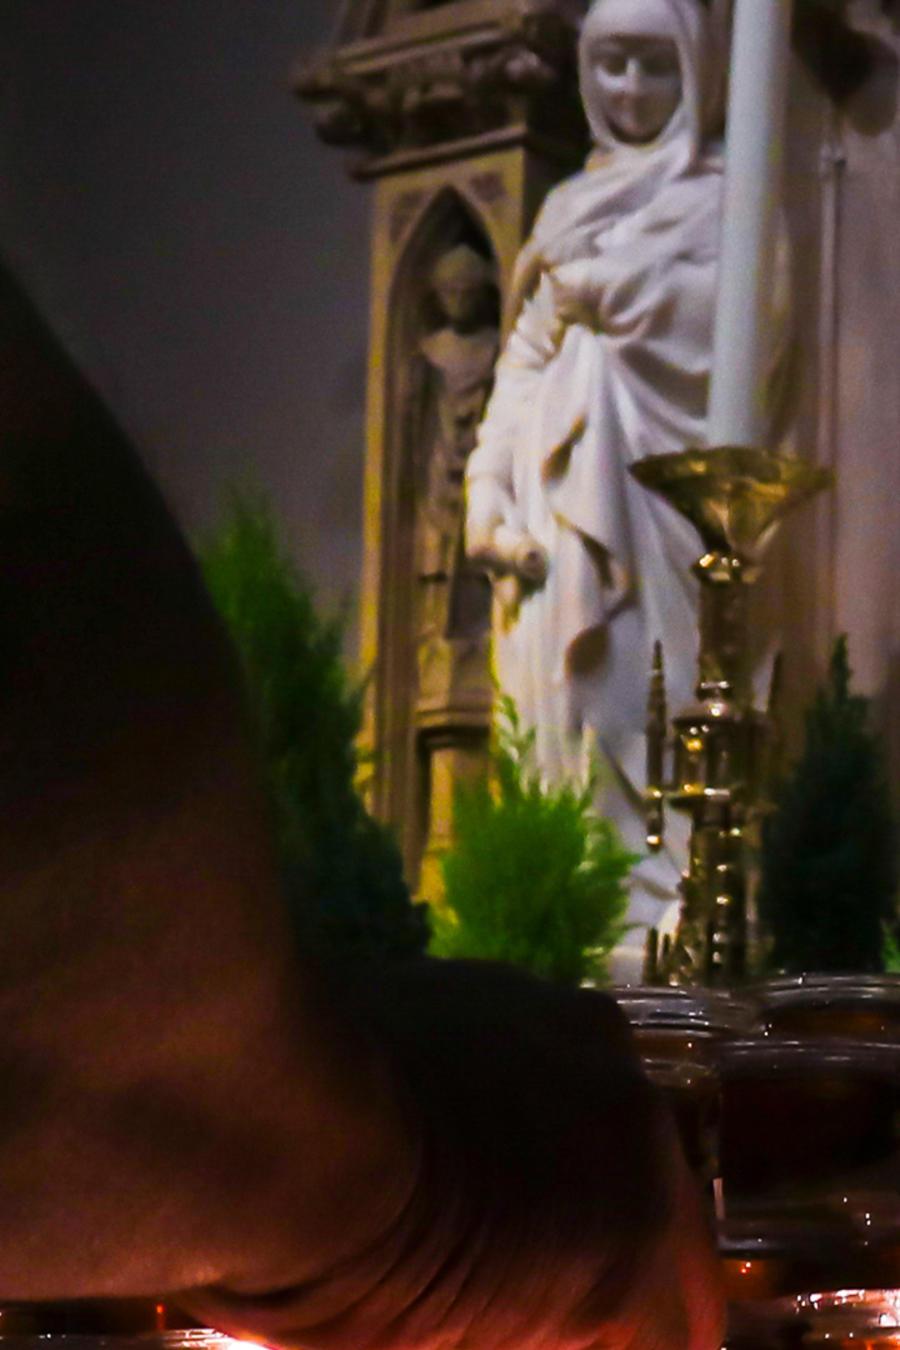 Una persona prende velas en una iglesia en Estados Unidos en una imagen de archivo.